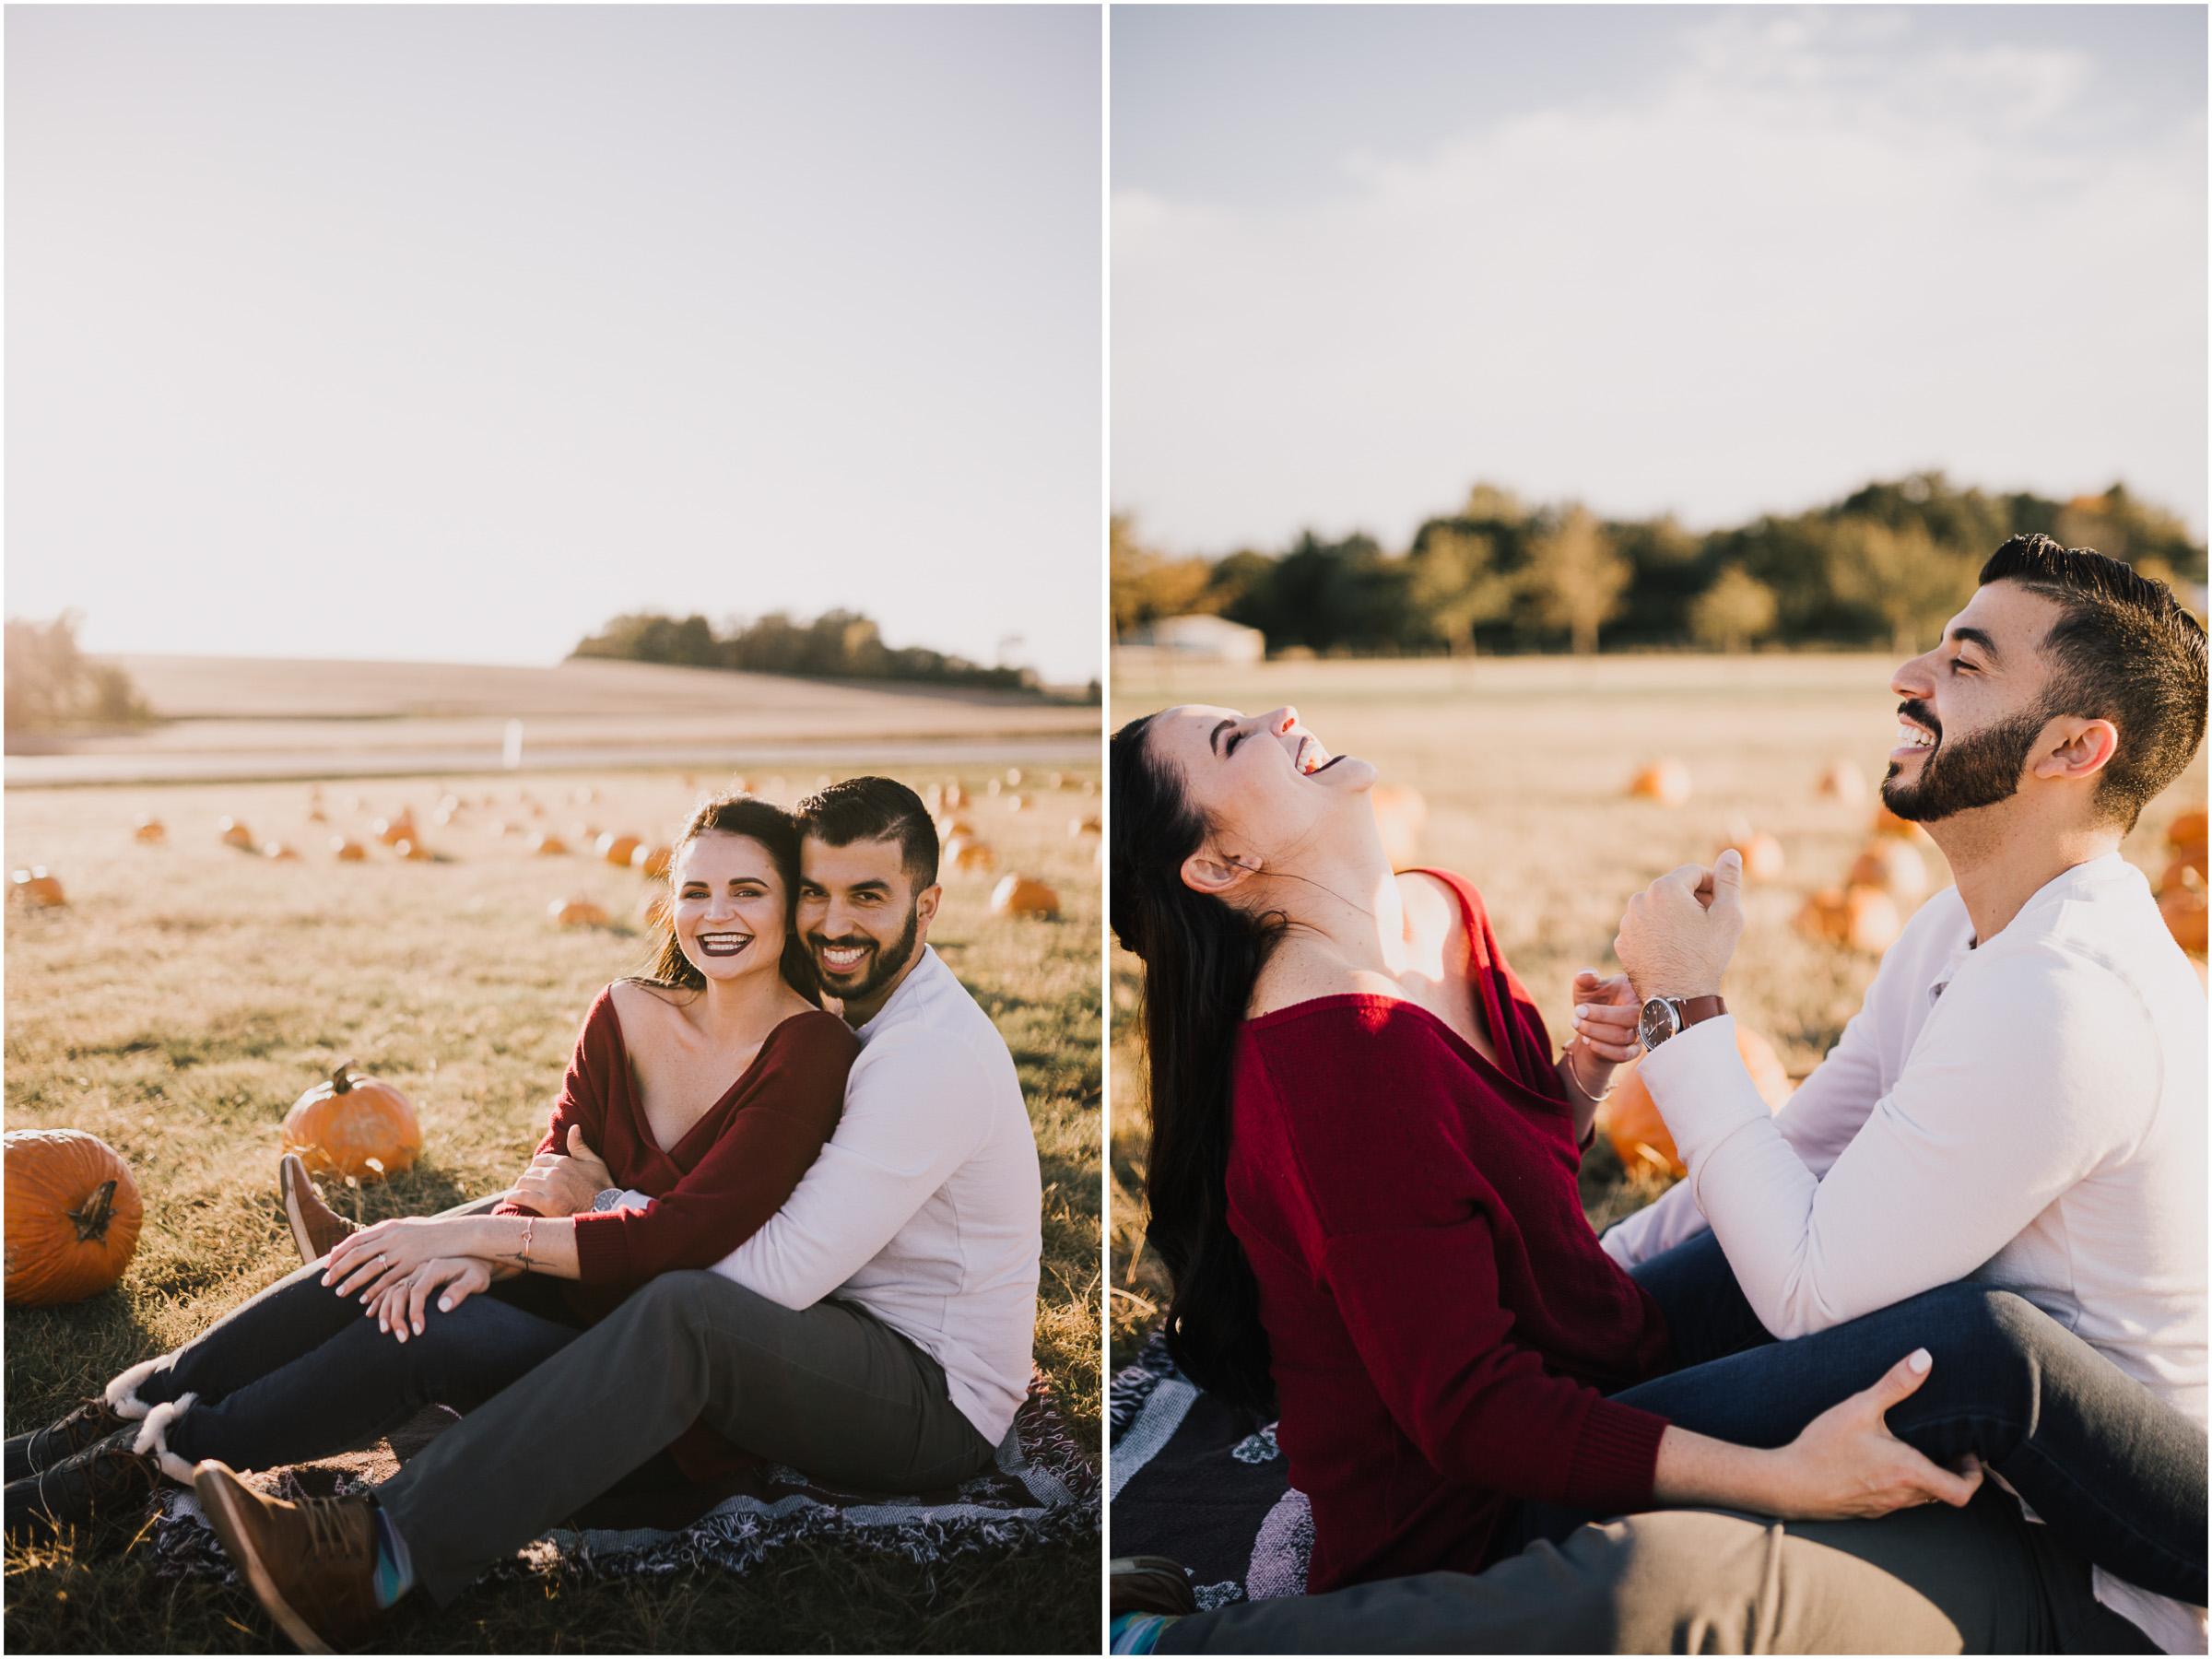 alyssa barletter photography fall pumpkin patch engagement photos sunset-10.jpg